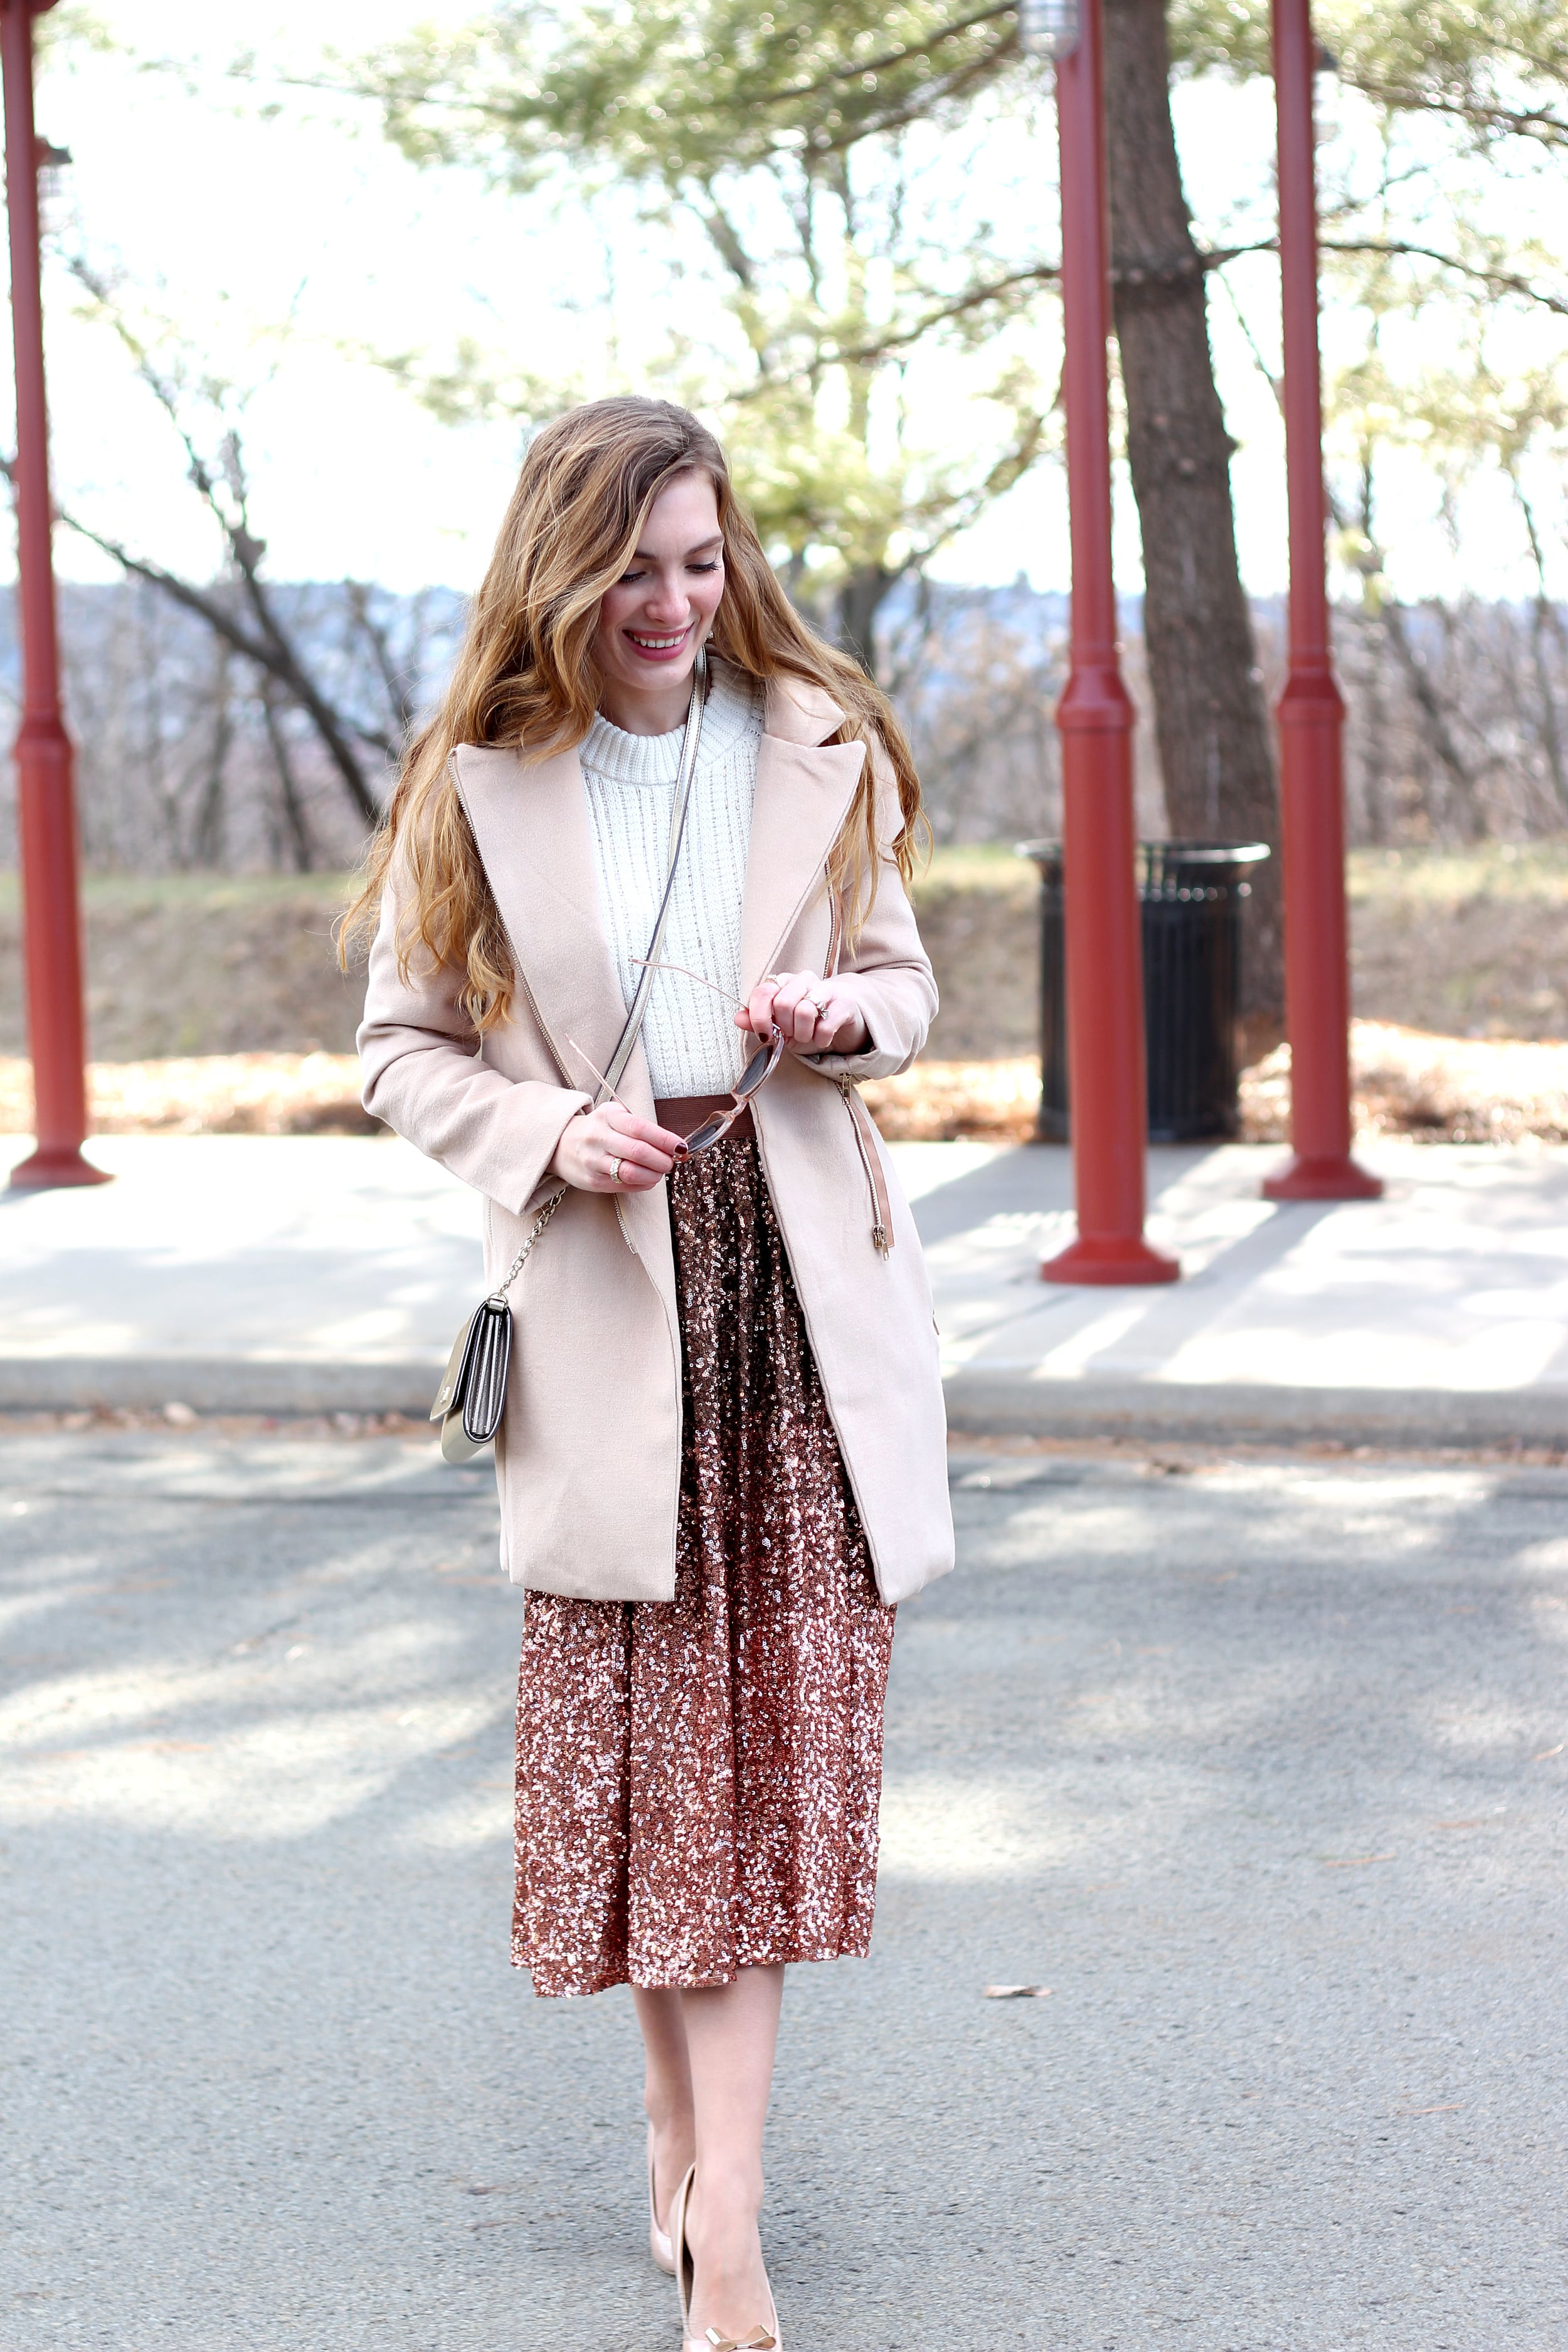 Sequin Skirt- Enchanting Elegance